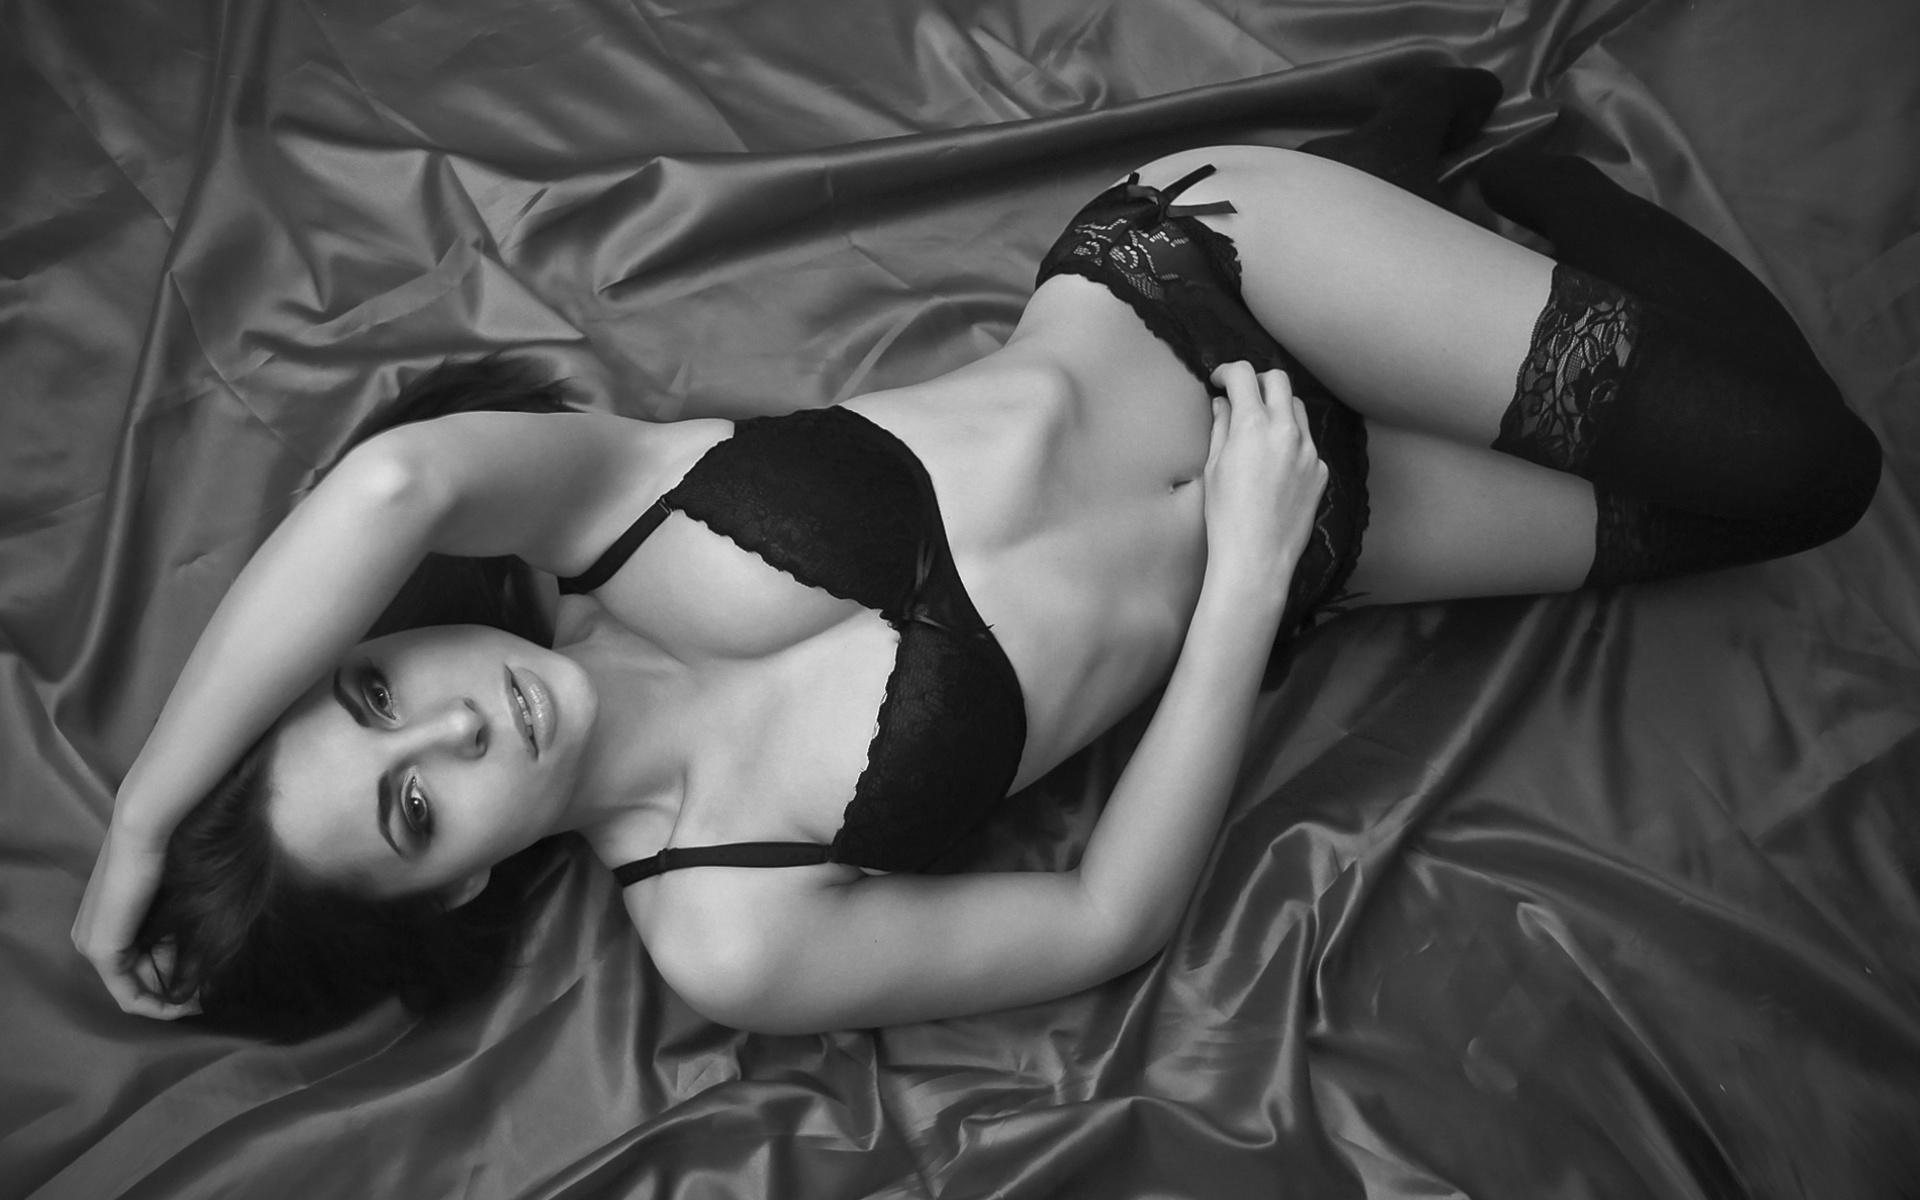 ЭРО РИСУНКИ Секс картинки Красивые рисунки голых